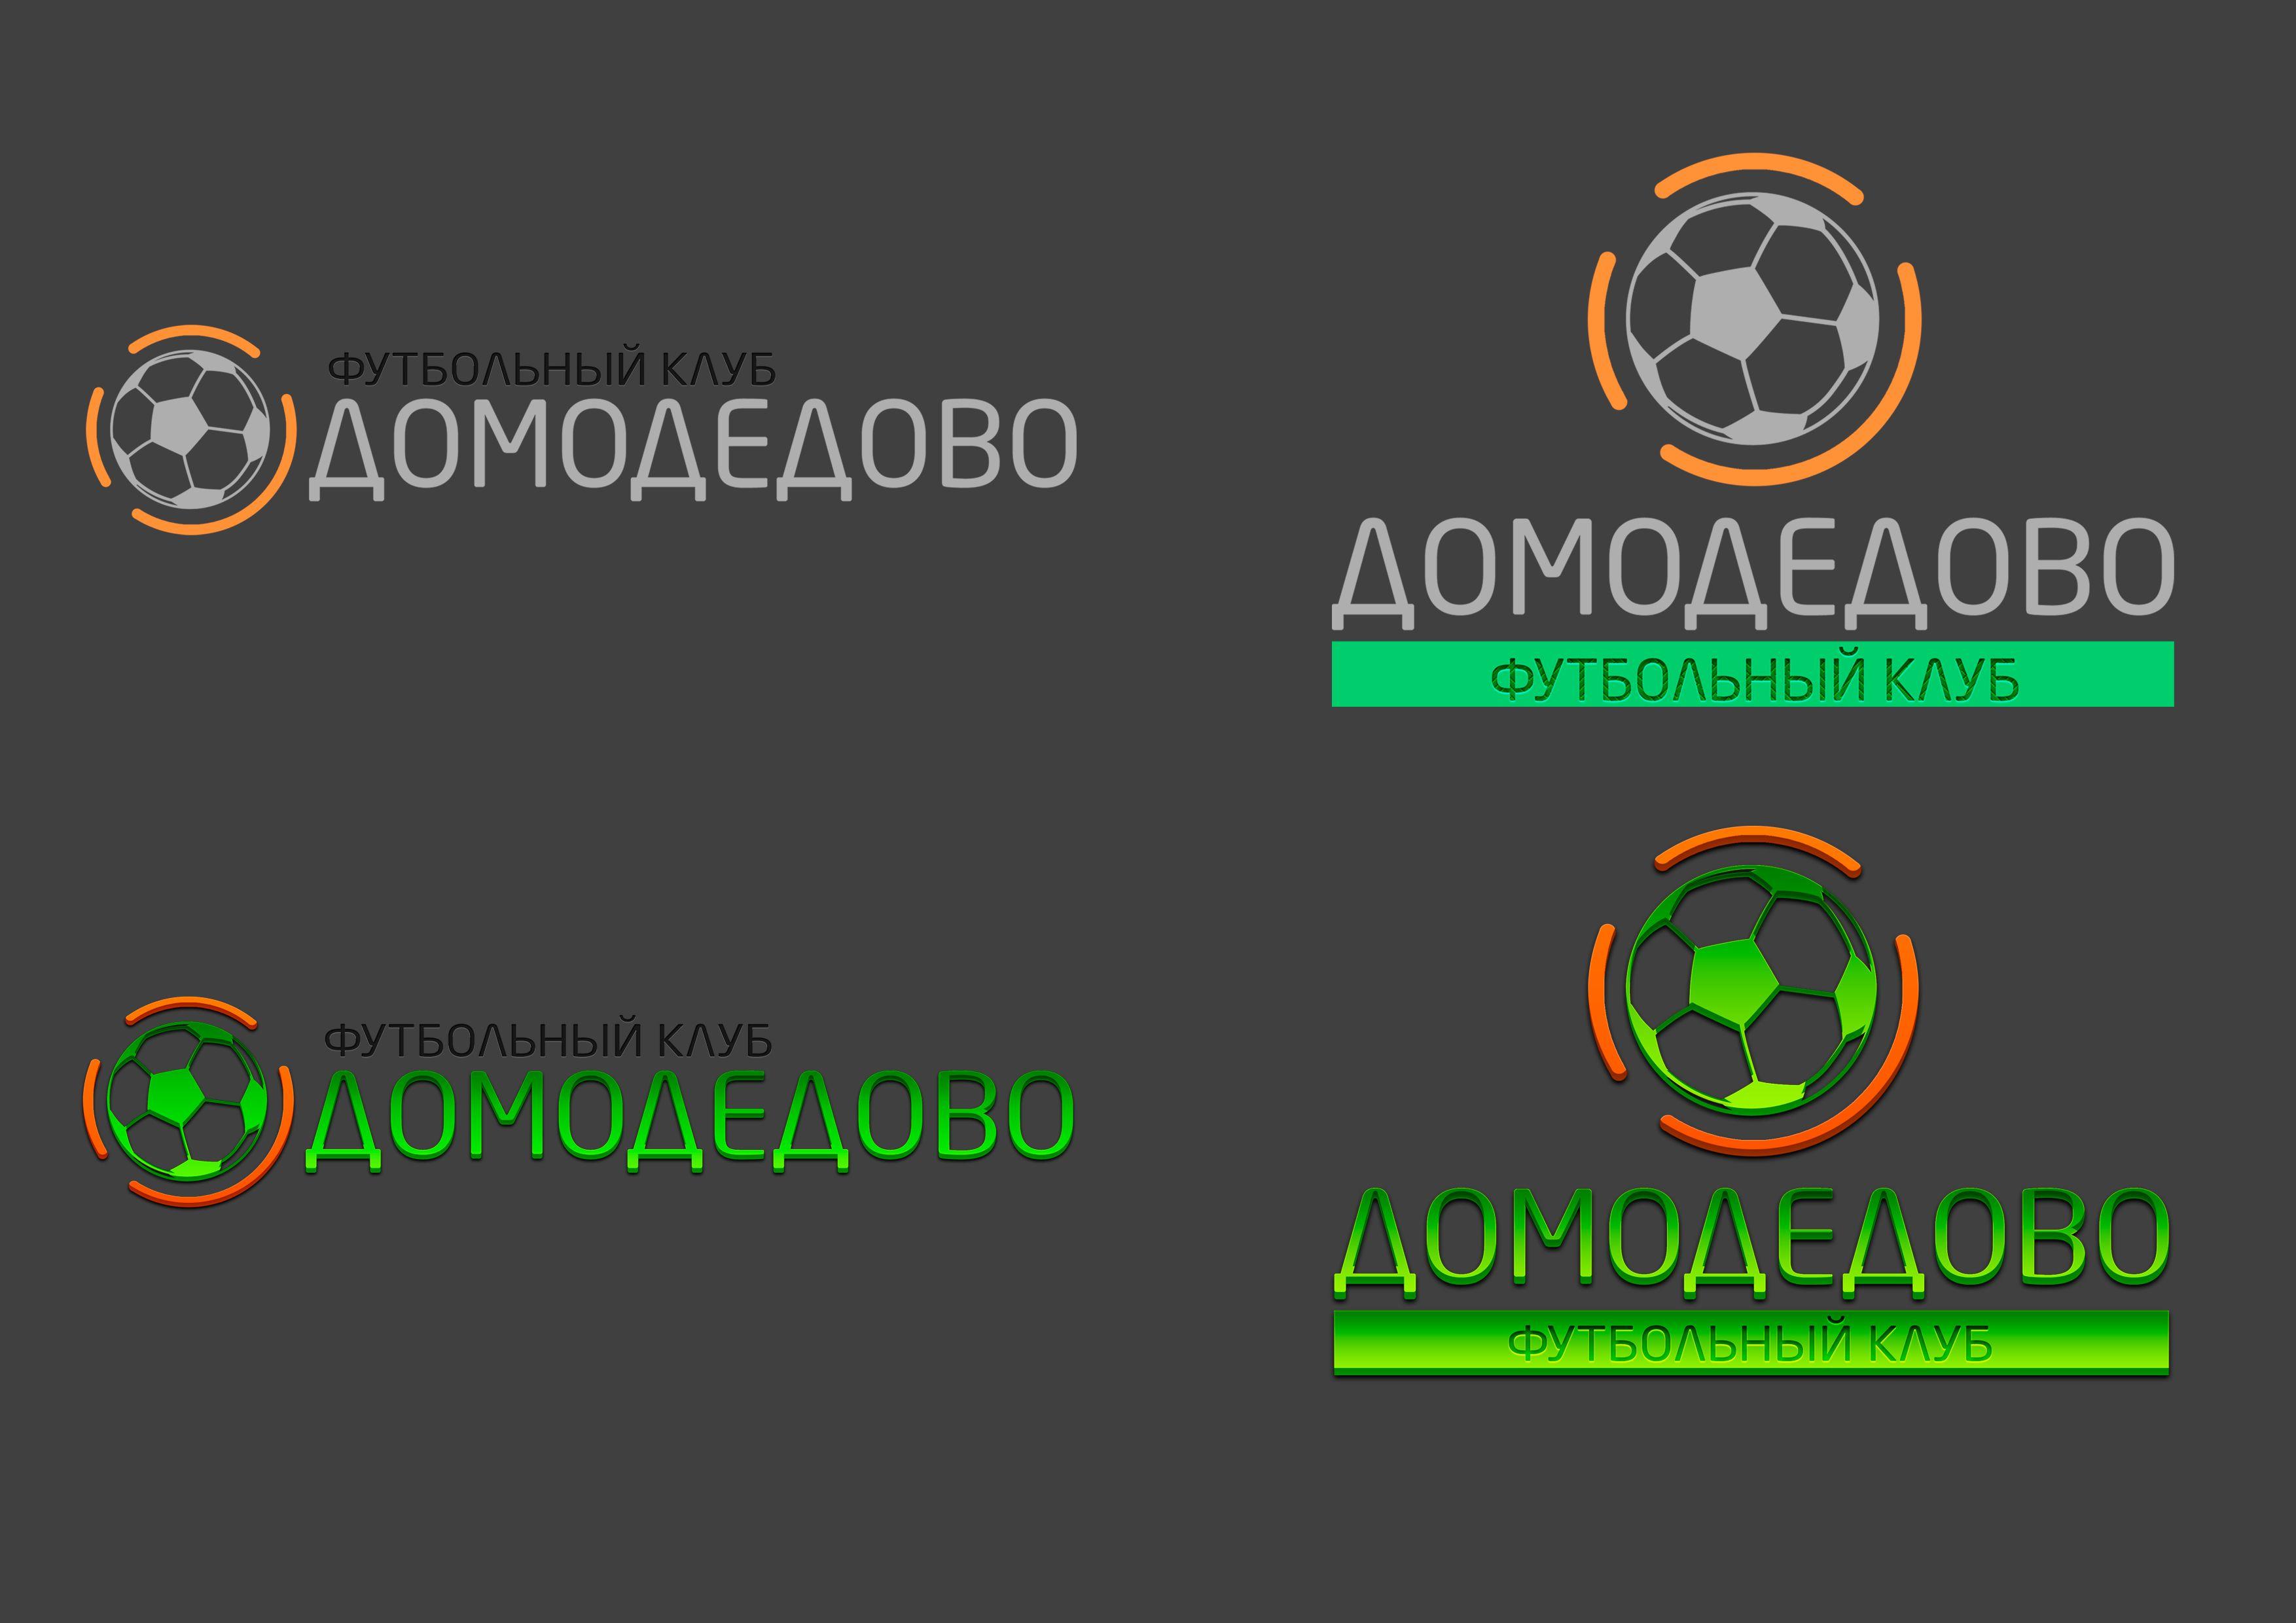 Логотип (Эмблема) для нового Футбольного клуба - дизайнер ama_ama